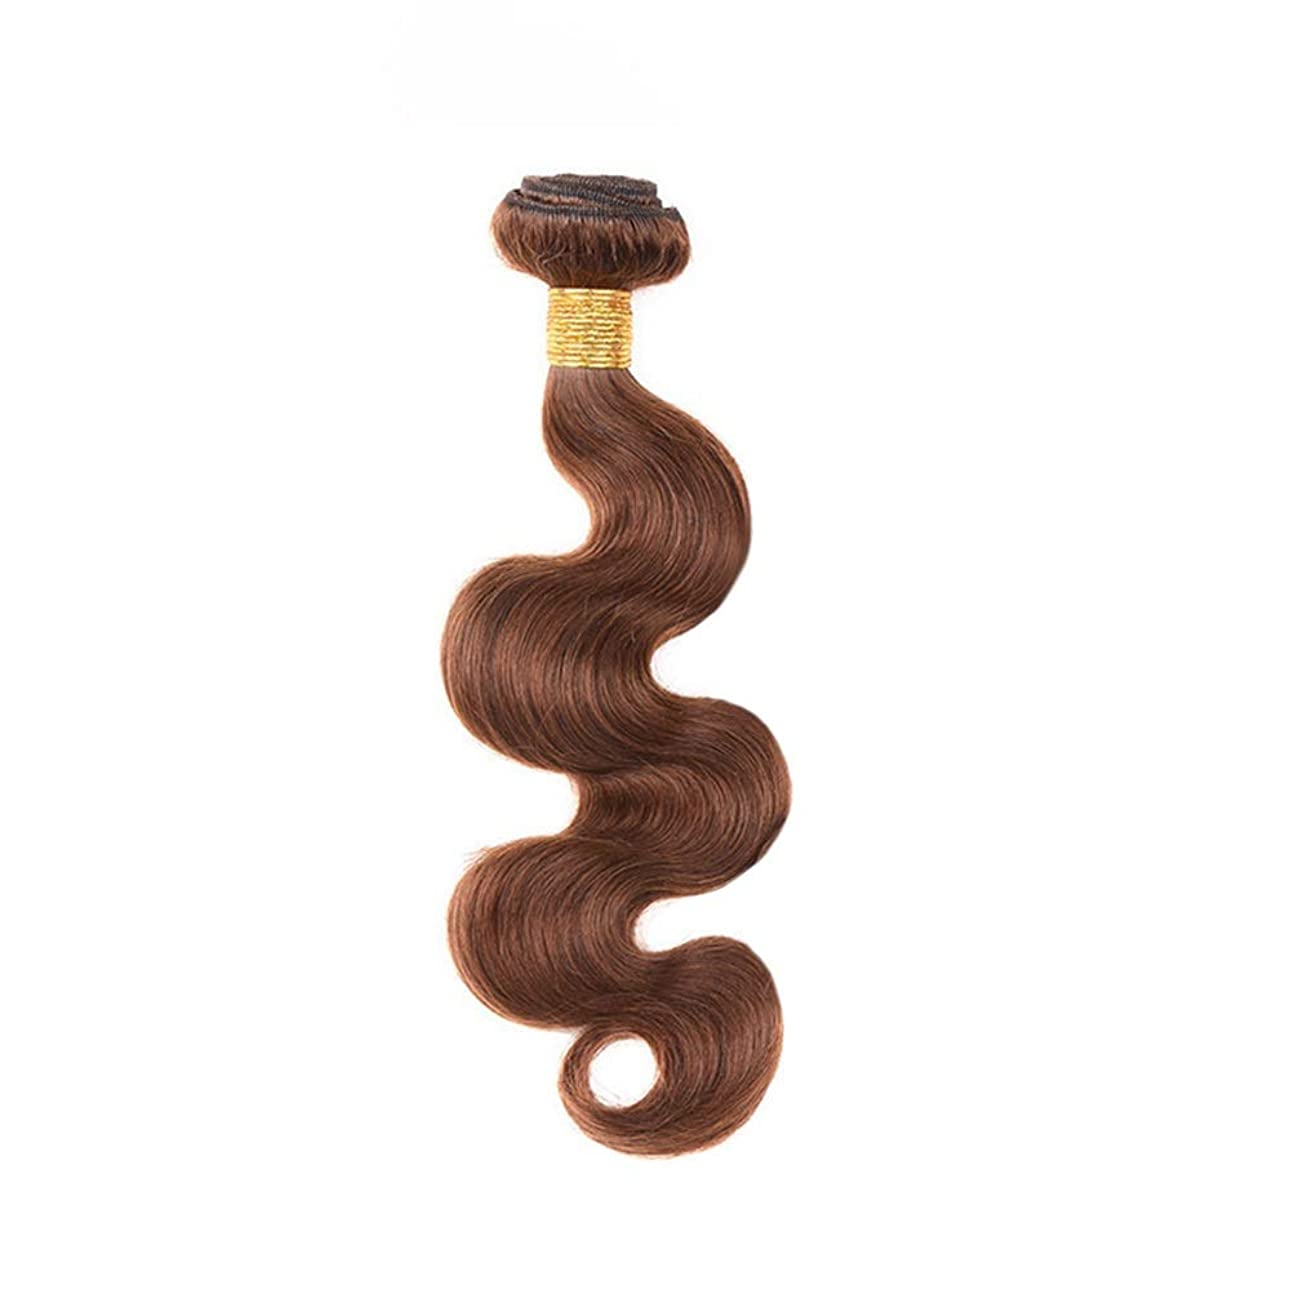 用量大胆涙YESONEEP 茶色の人間の髪織りバンドルリアルレミーナチュラルヘアエクステンション横糸 - 実体波 - 4#ブラウン(1バンドル、10インチ-24インチ、100g)合成髪レースかつらロールプレイングウィッグロング&ショート女性自然 (色 : ブラウン, サイズ : 12 inch)